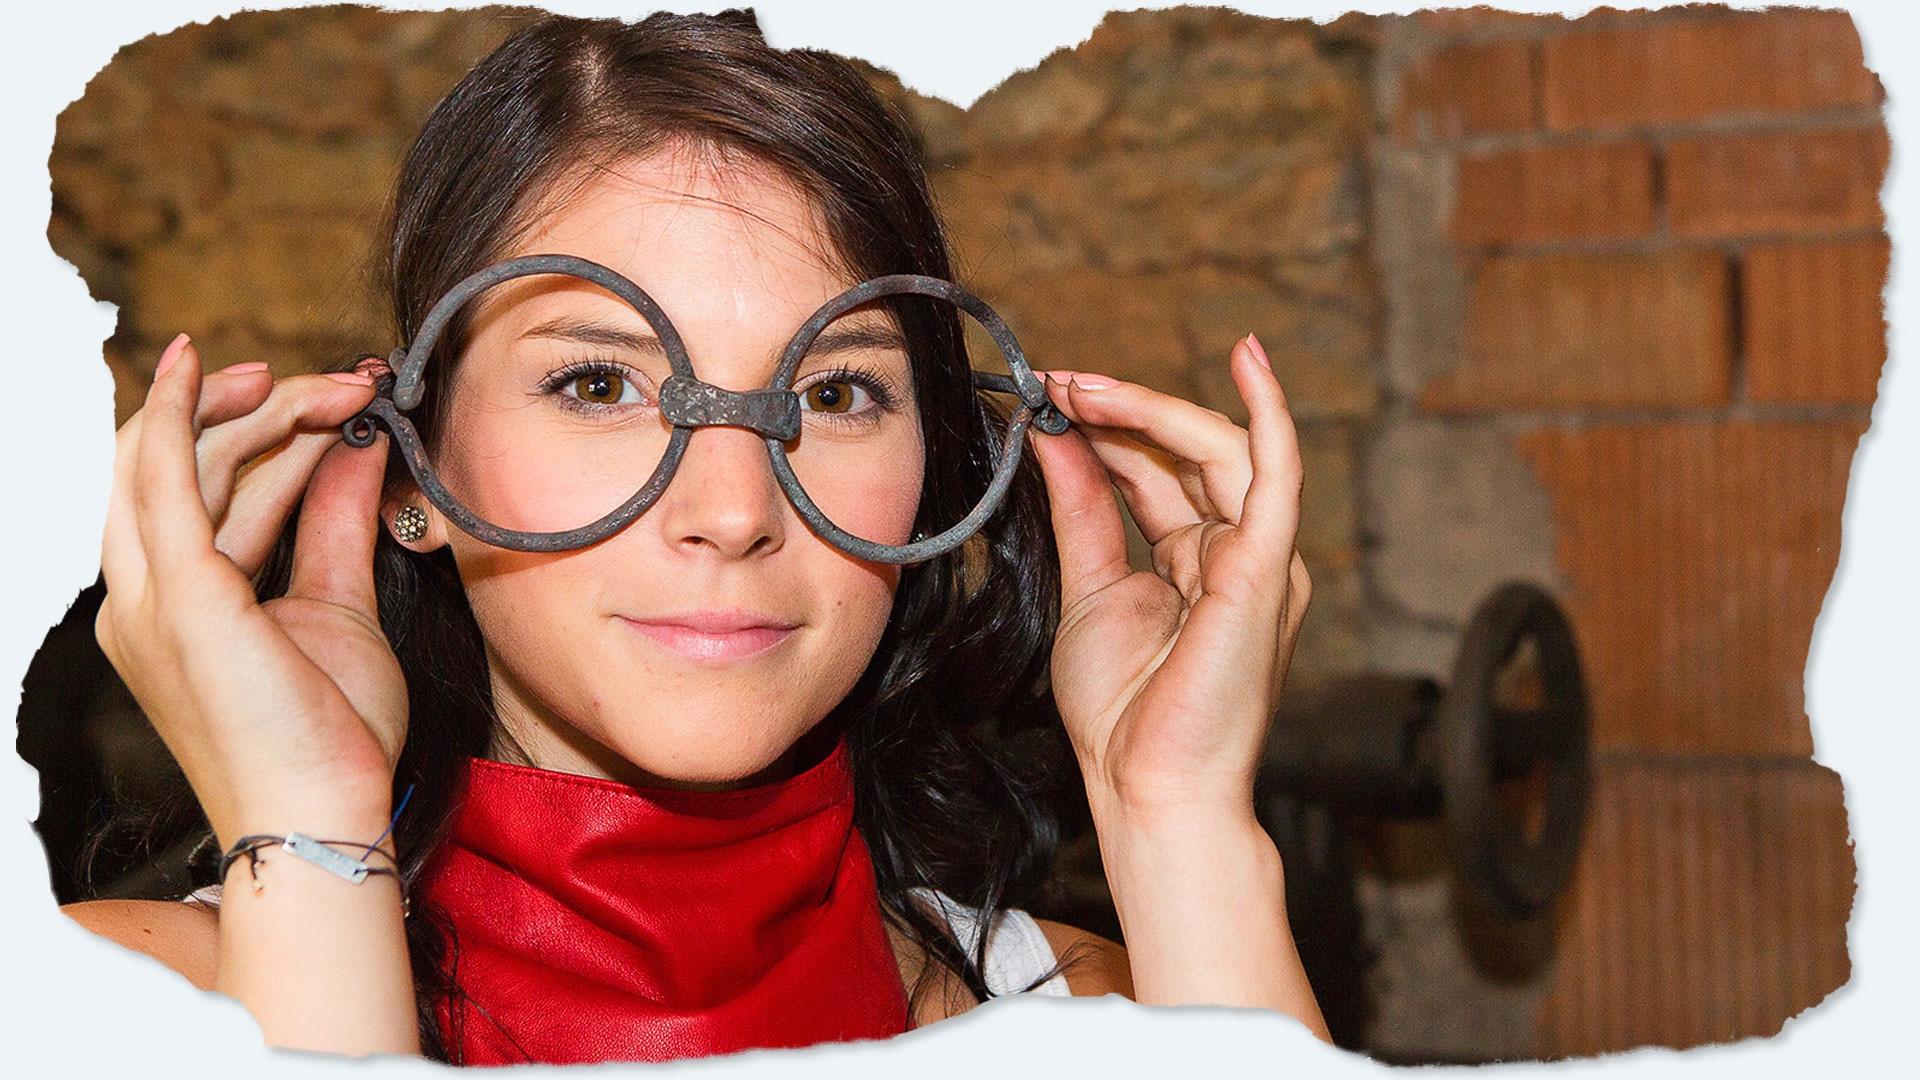 Gründerin, You-Tuberin, Bloggerin, Augenoptikermeisterin